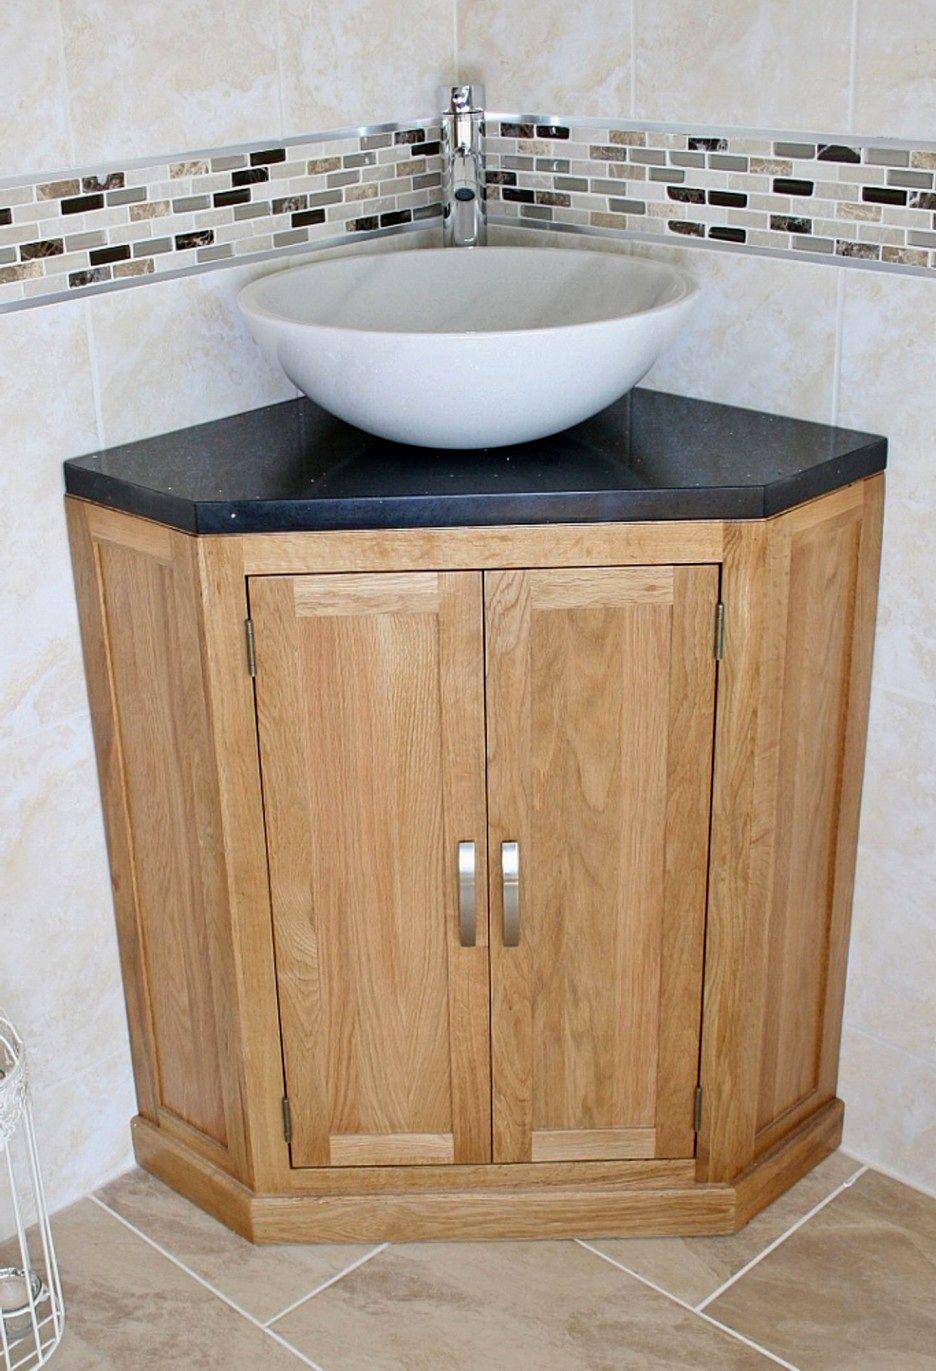 elegant bathroom vanity with vessel sink design-Beautiful Bathroom Vanity with Vessel Sink Design